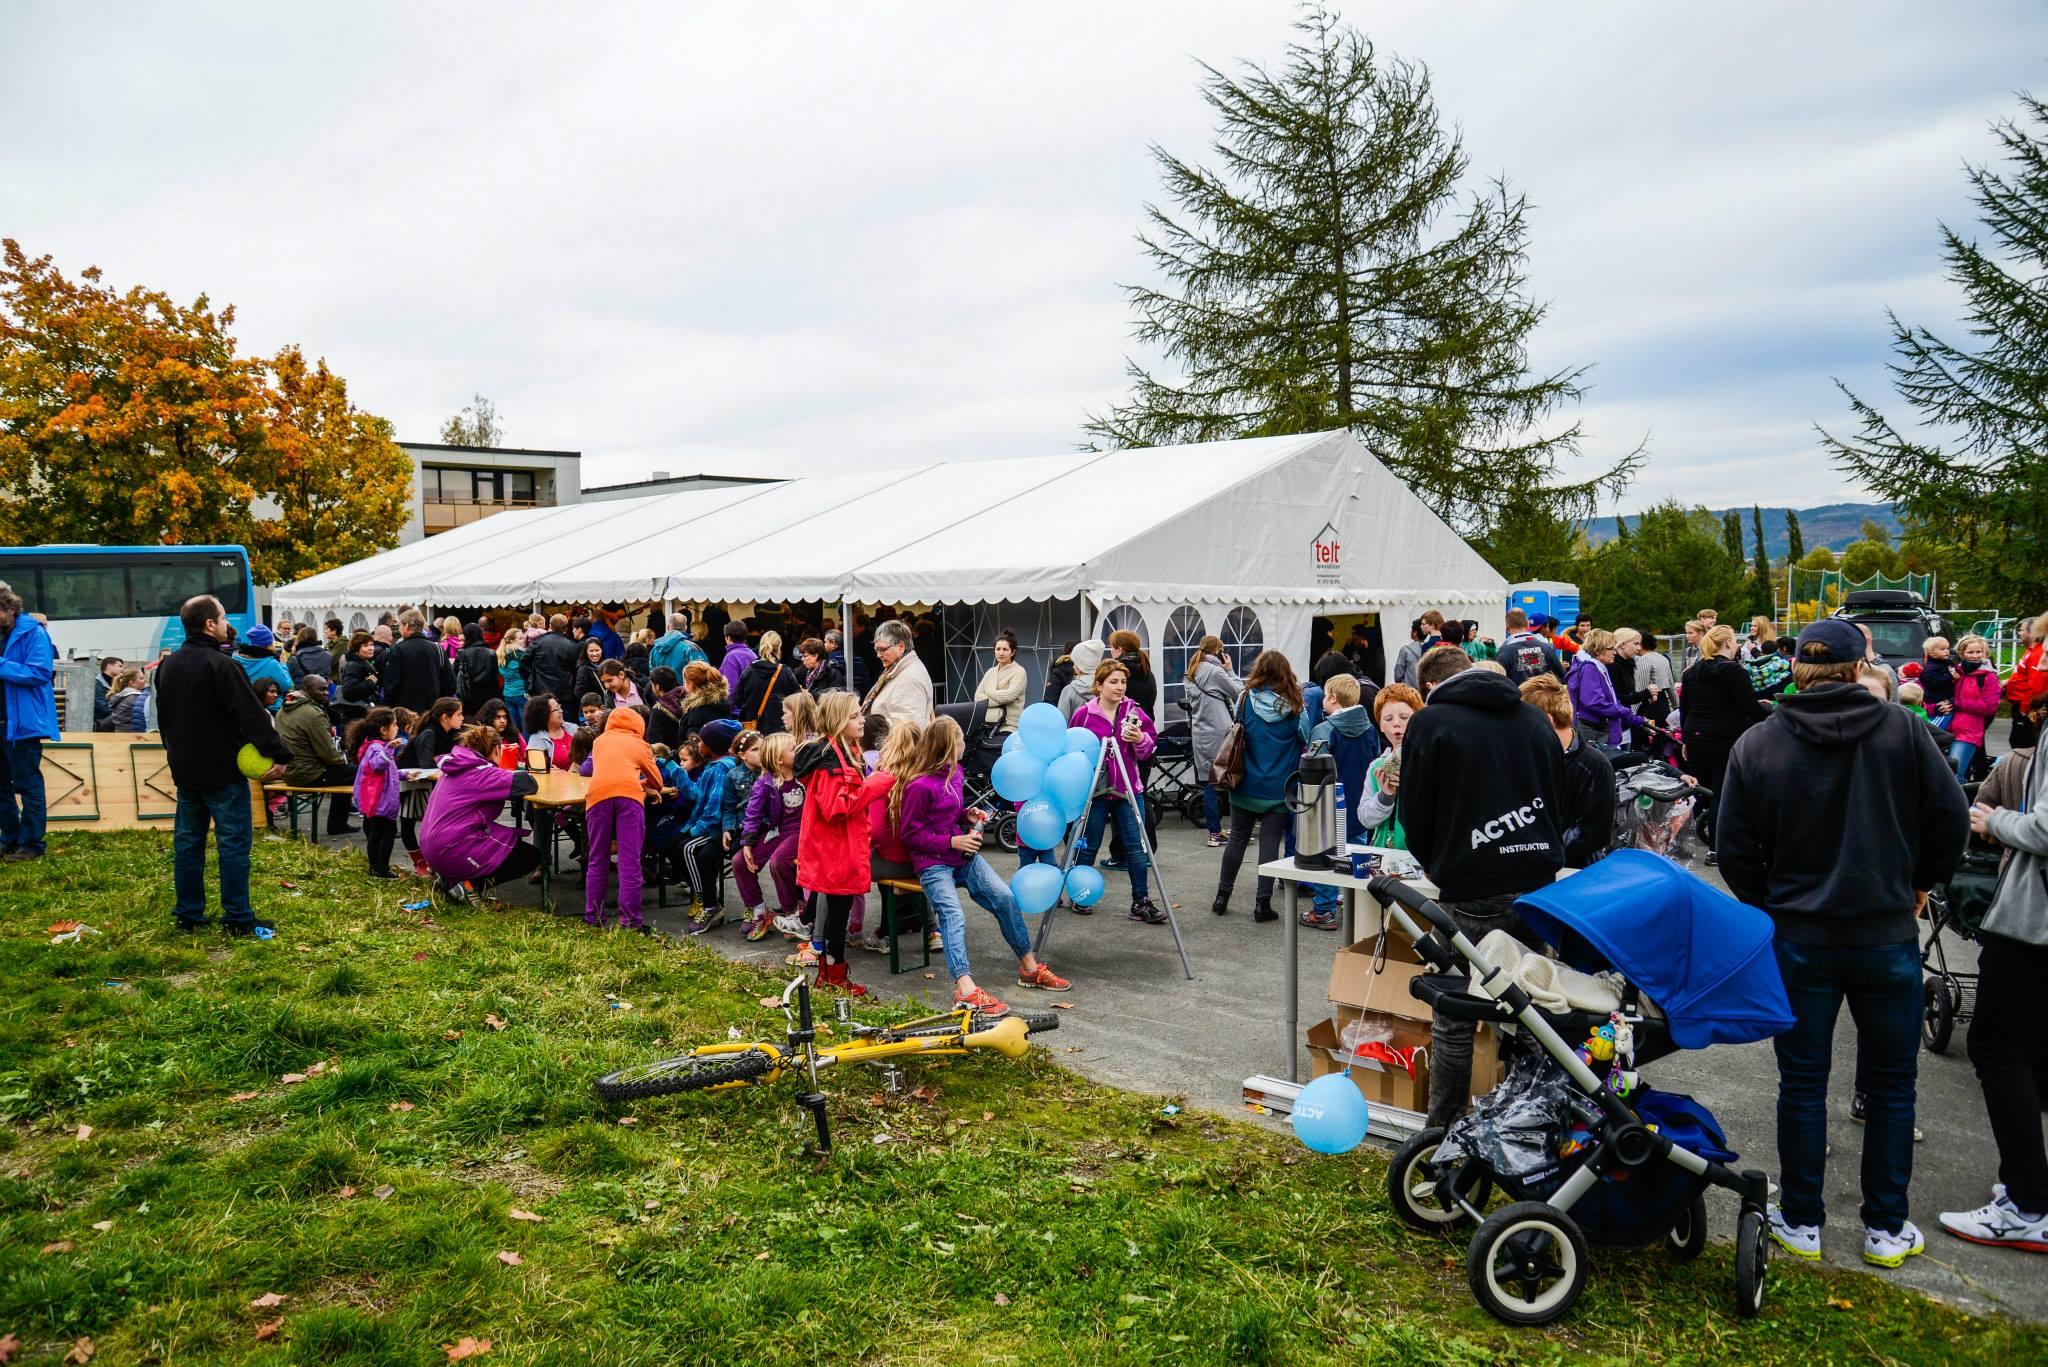 Masse familier er samlet i og rundt et stort partytelt. Barnevogn i forgrunnen.